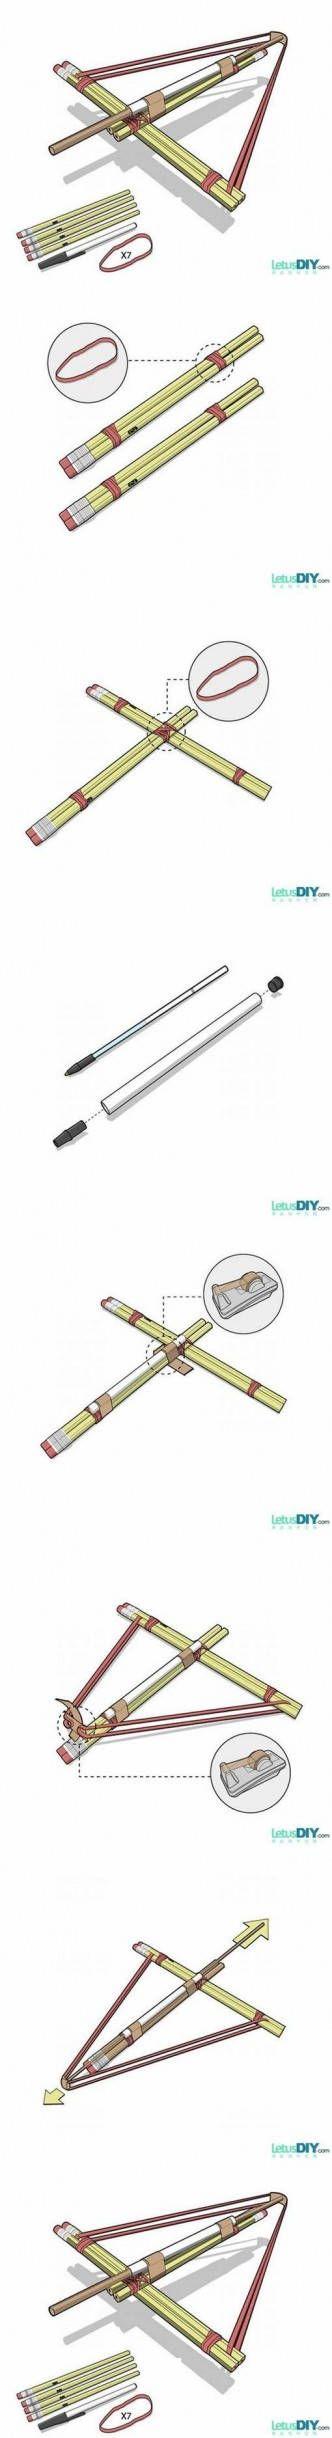 DIY Pencil Bows Internet Tutorial DIY Projects